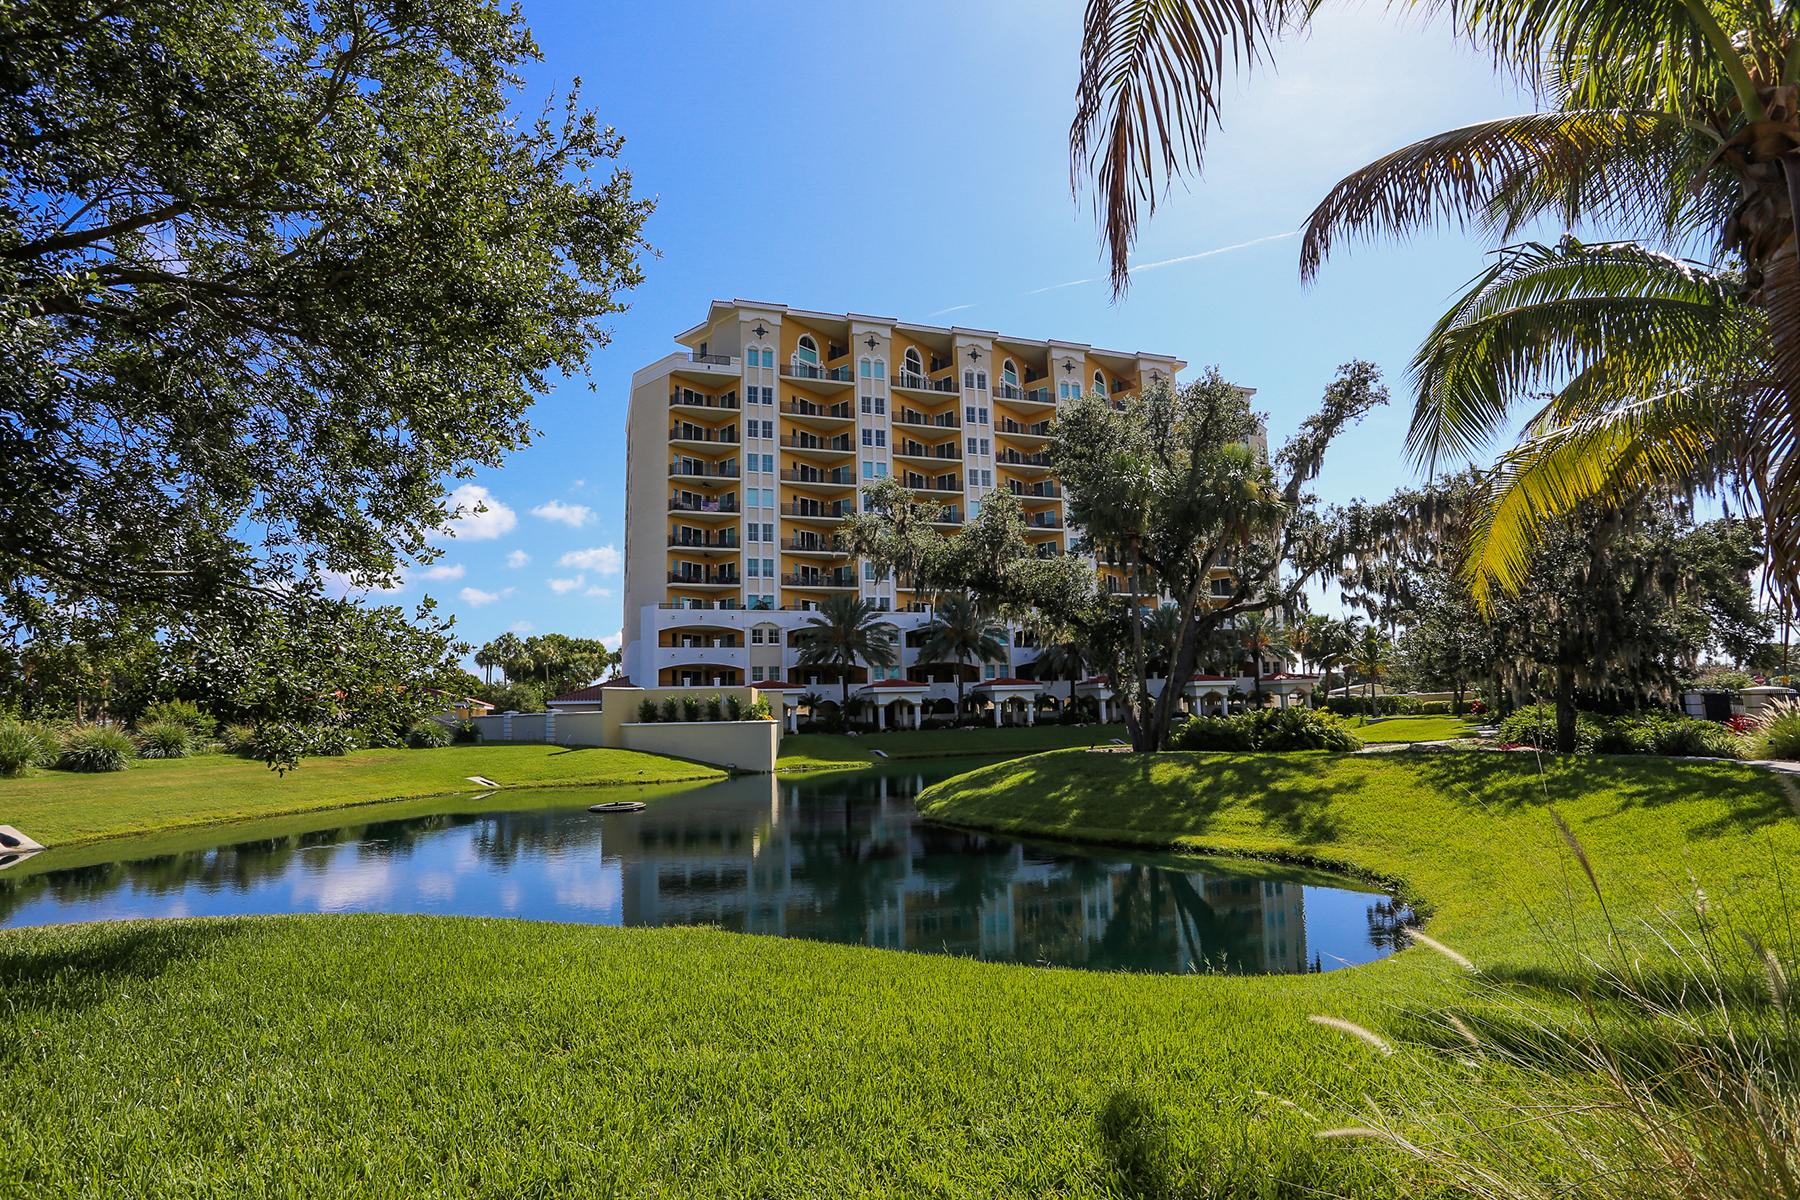 Eigentumswohnung für Verkauf beim THE PALMS AT RIVIERA DUNES 501 Haben Blvd 804 Palmetto, Florida, 34221 Vereinigte Staaten